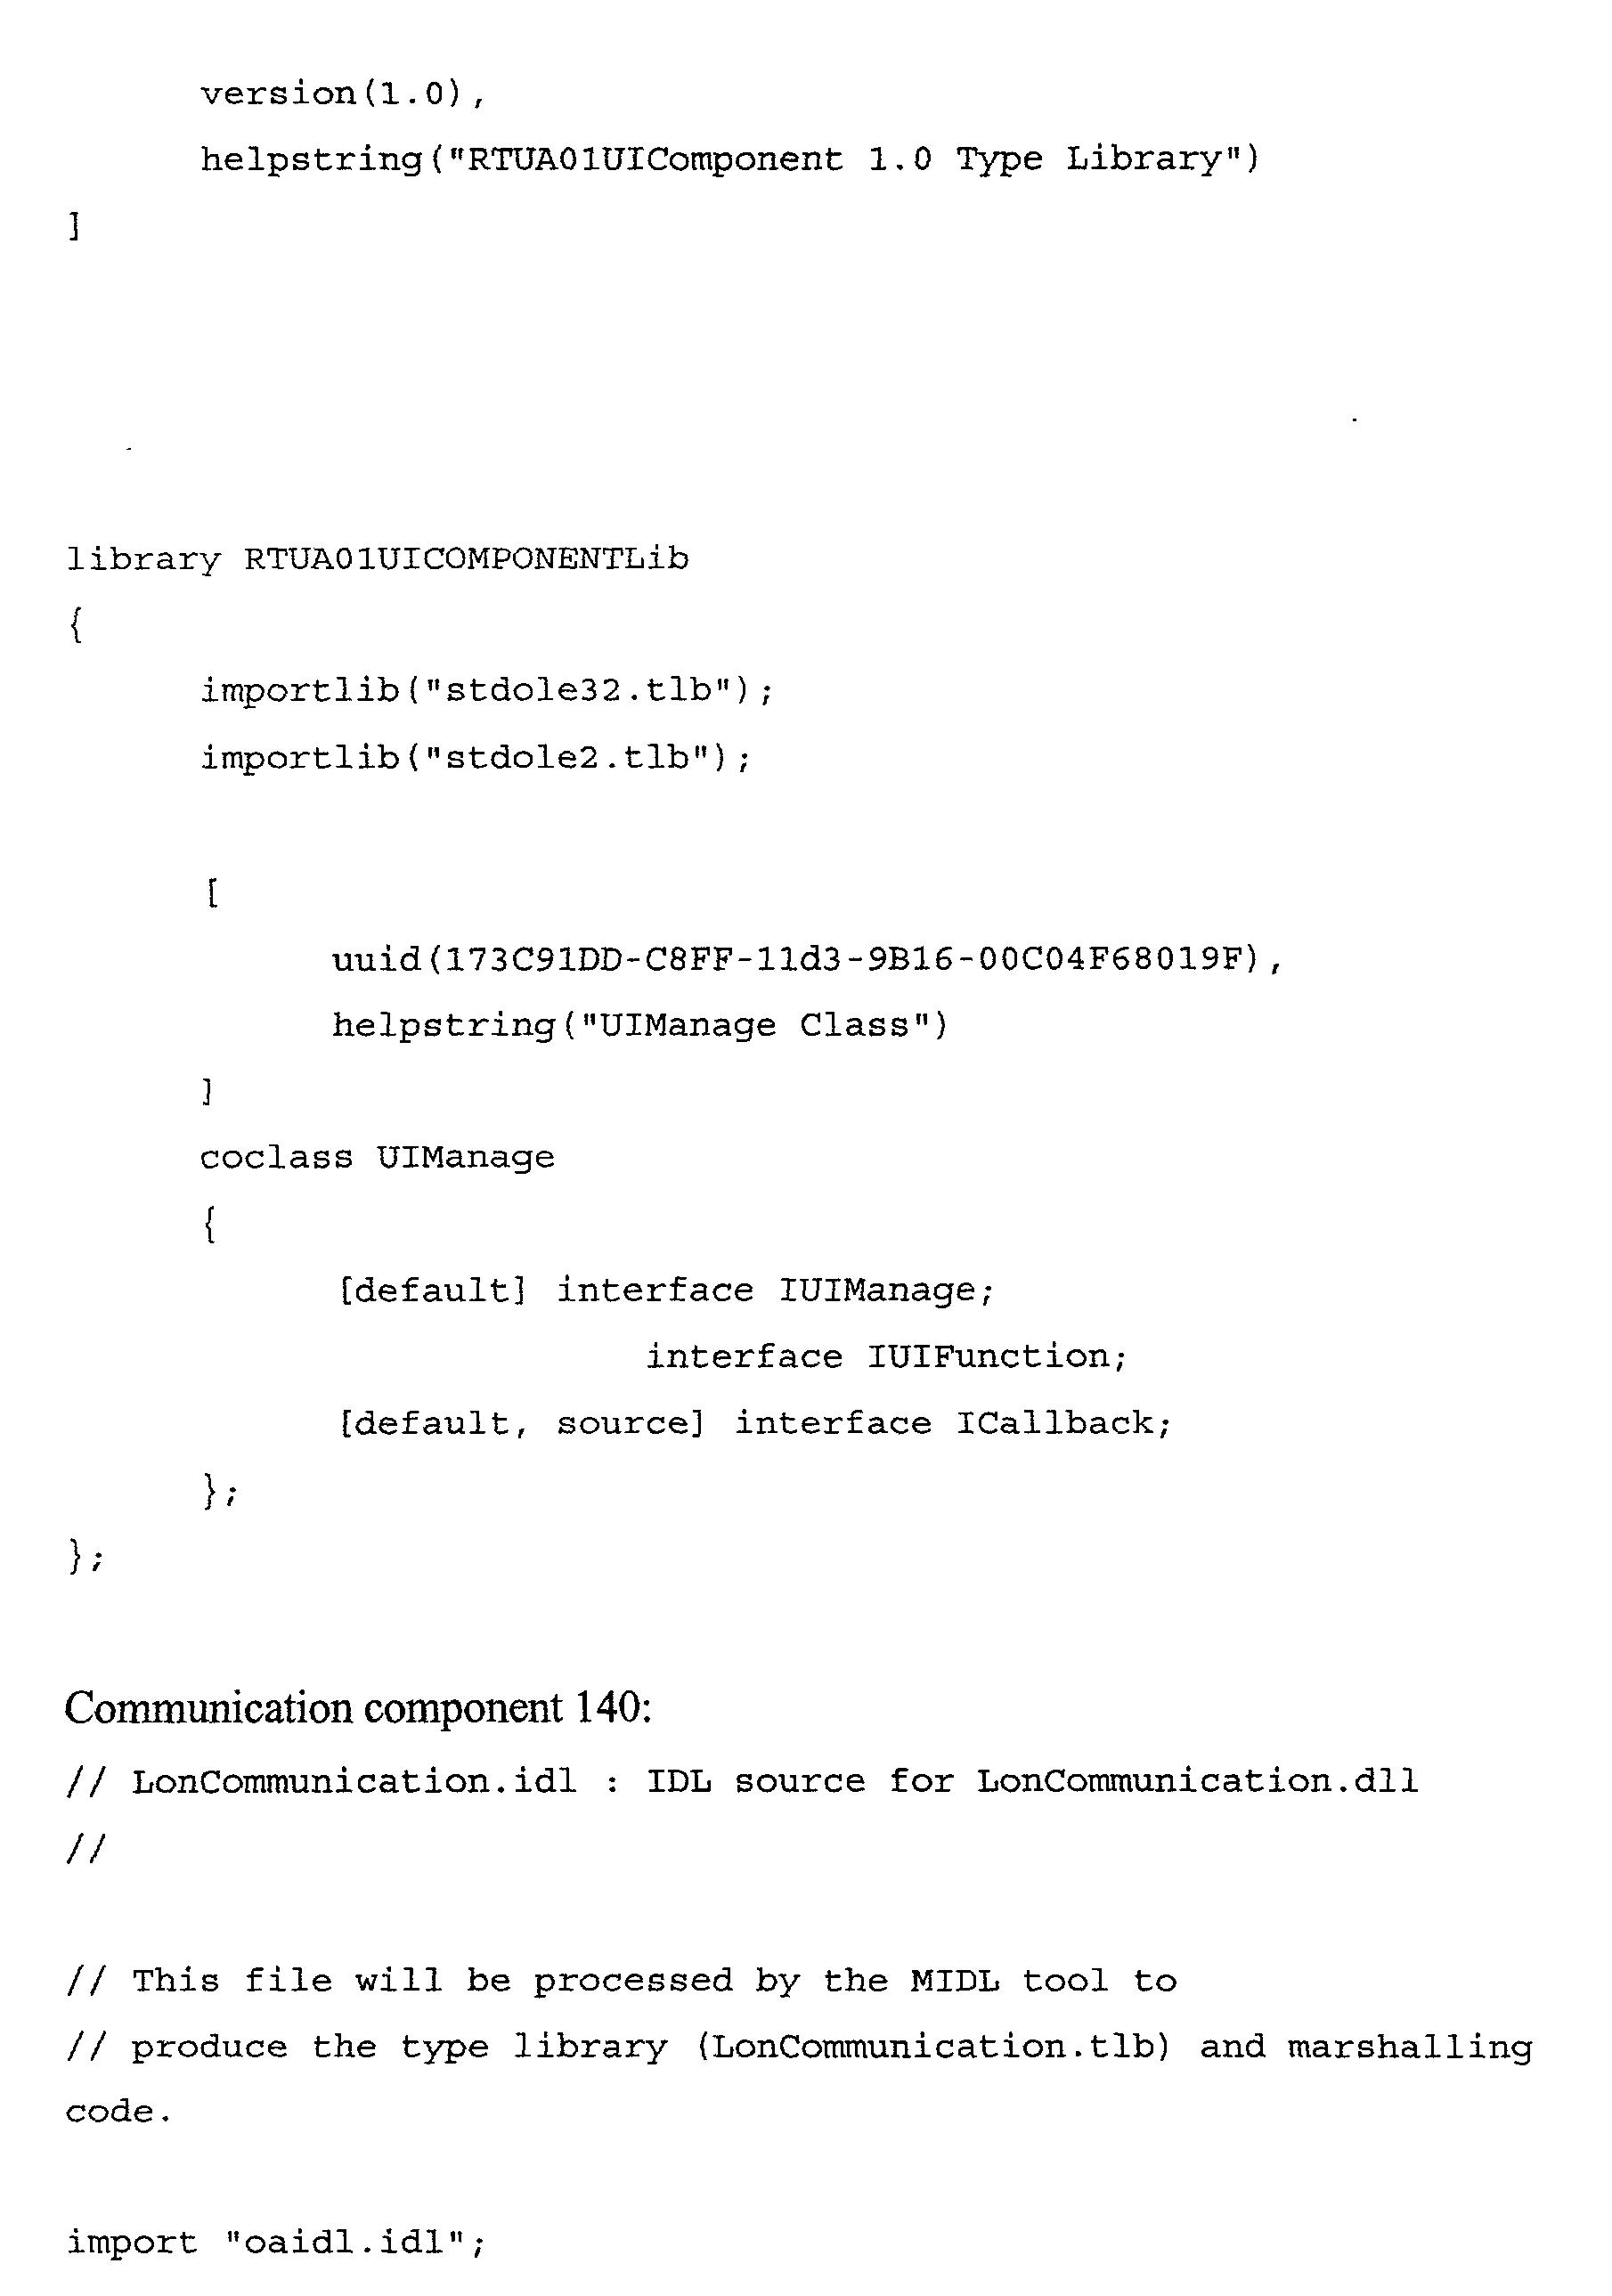 code p00014